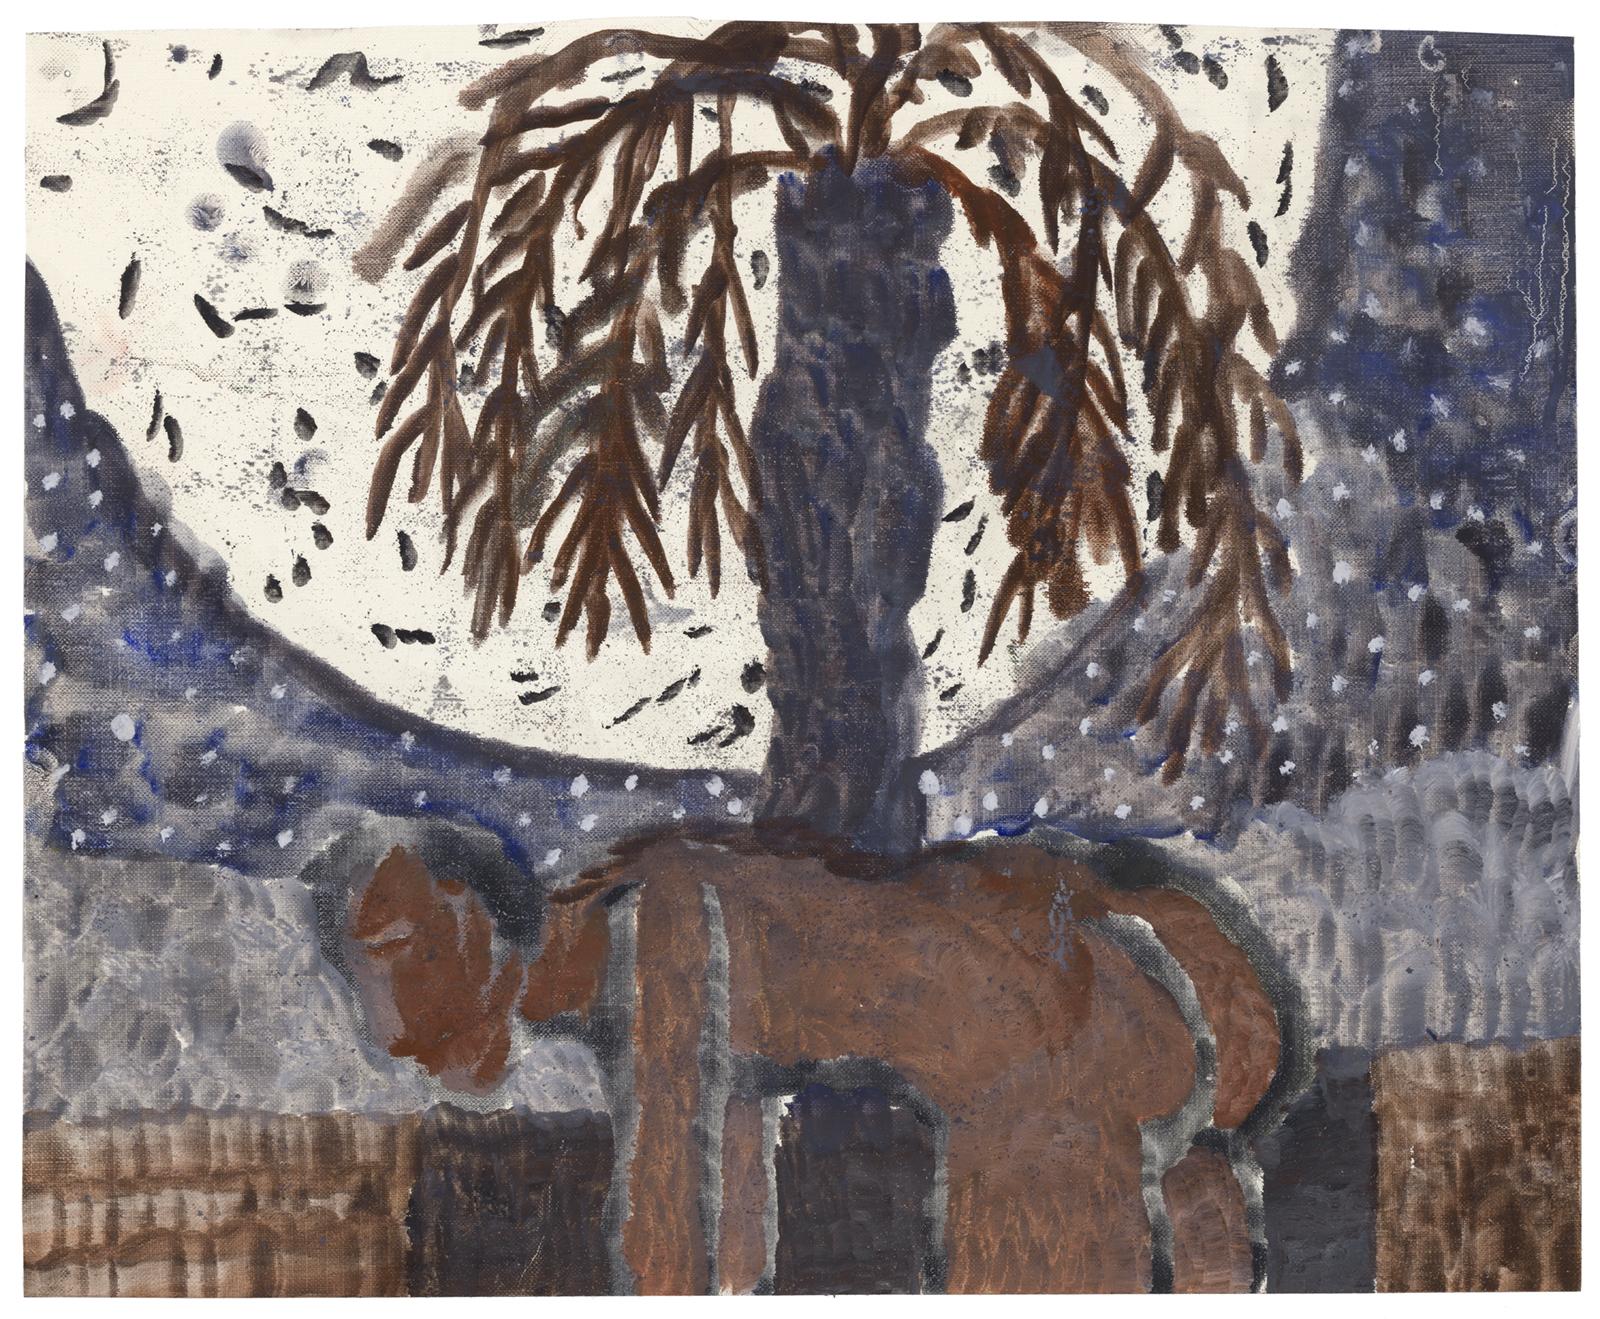 Werewolf, 2017, oil on paper, 12.75 x 16 in